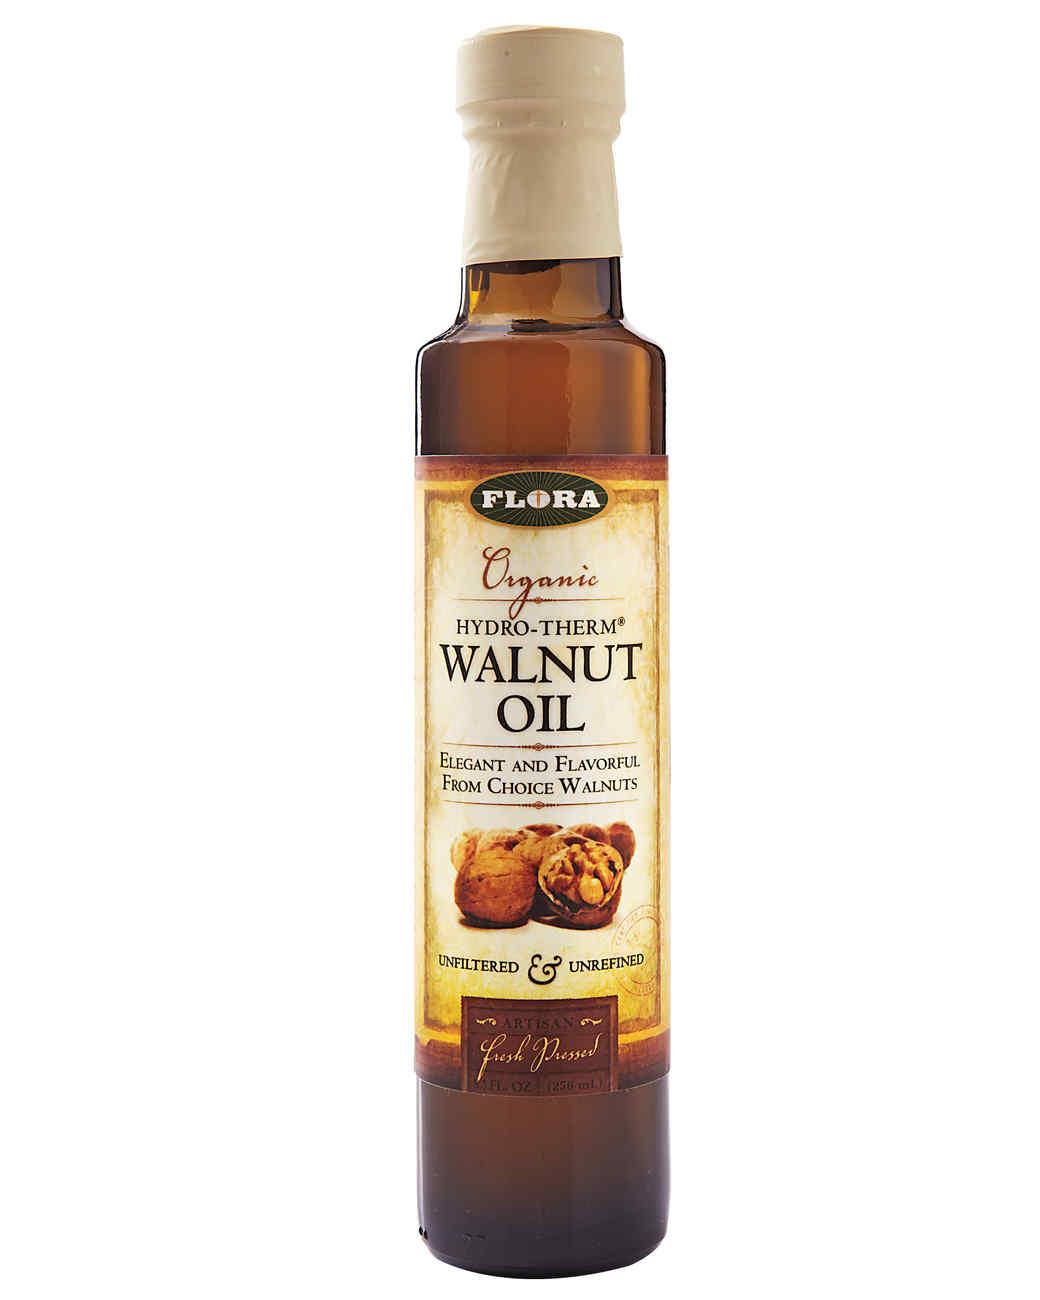 msl-healthy-living-oils-flora-walnut-md110058.jpg